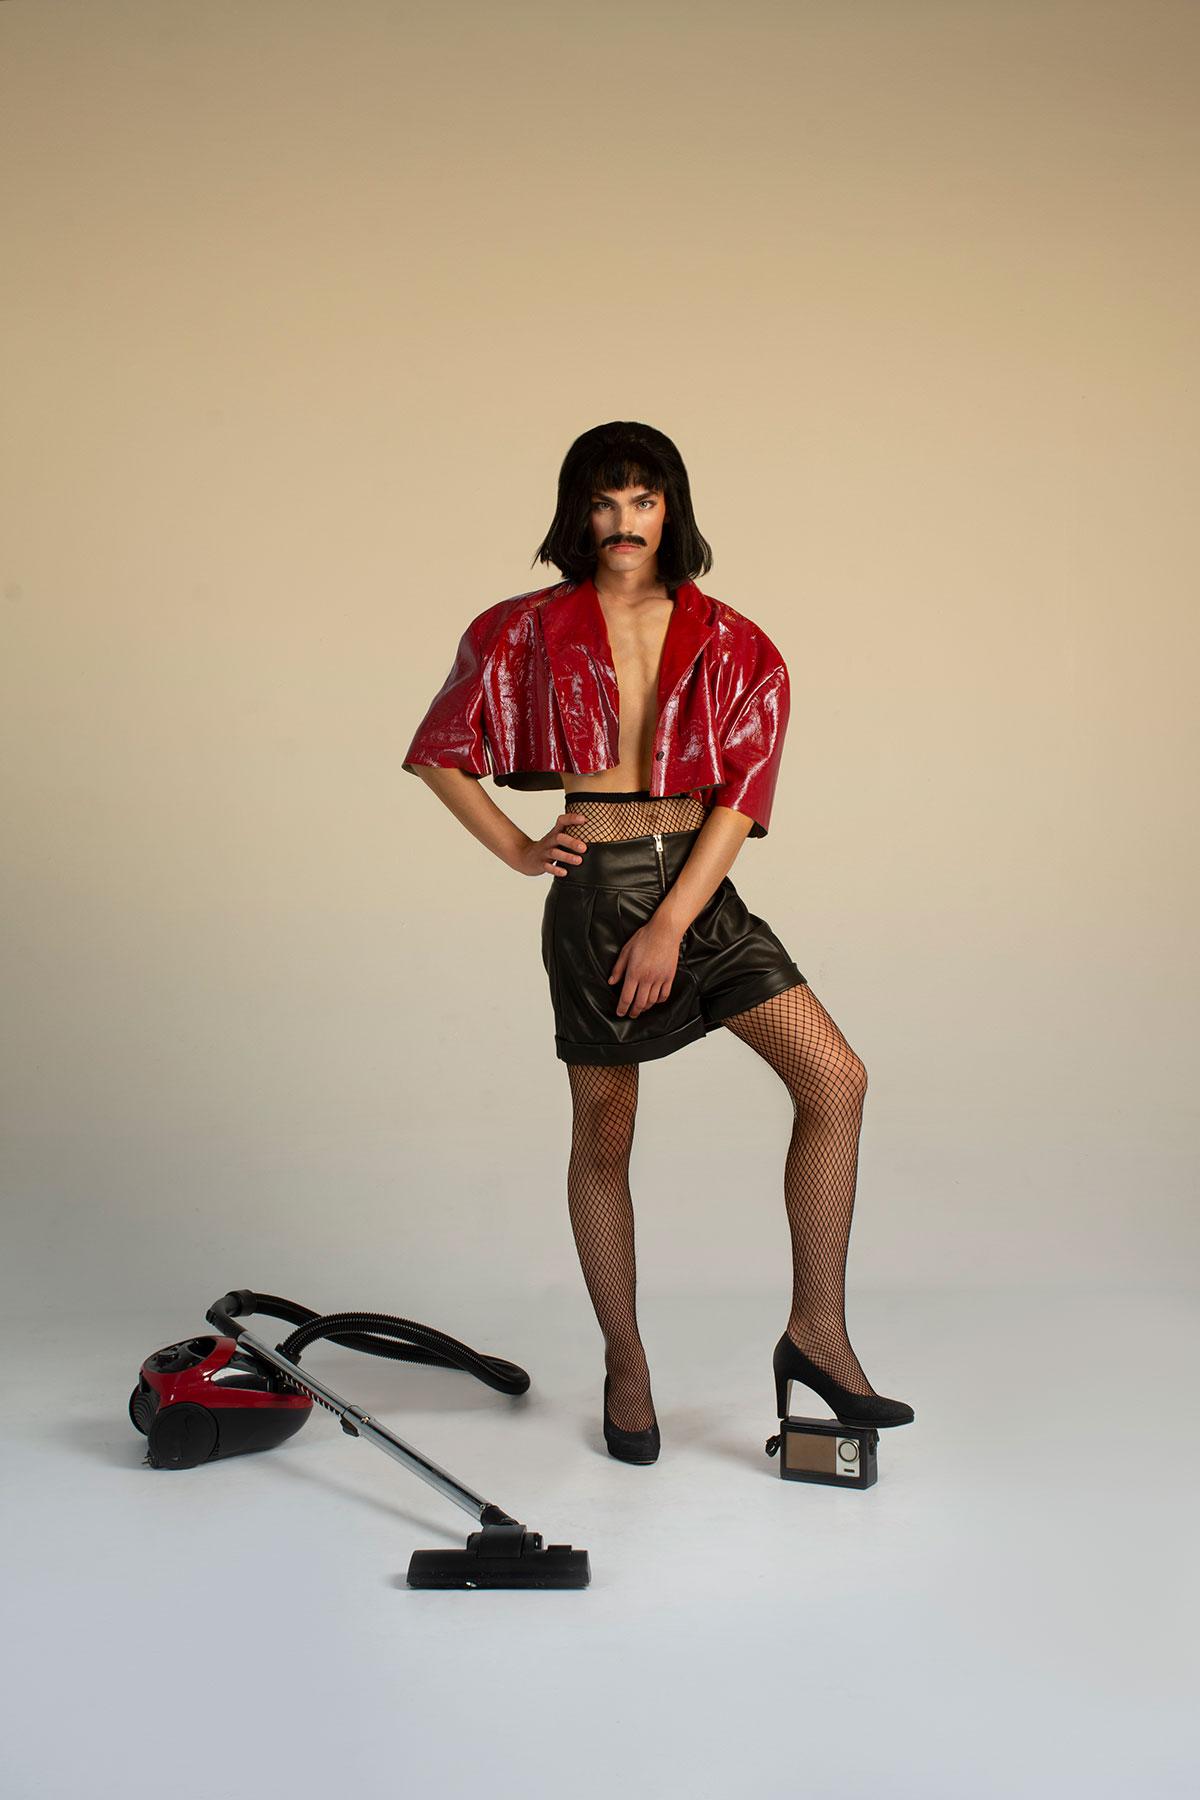 Chaqueta: Andres Zurru Shorts: Bershka Zapatos de salón: Vintage